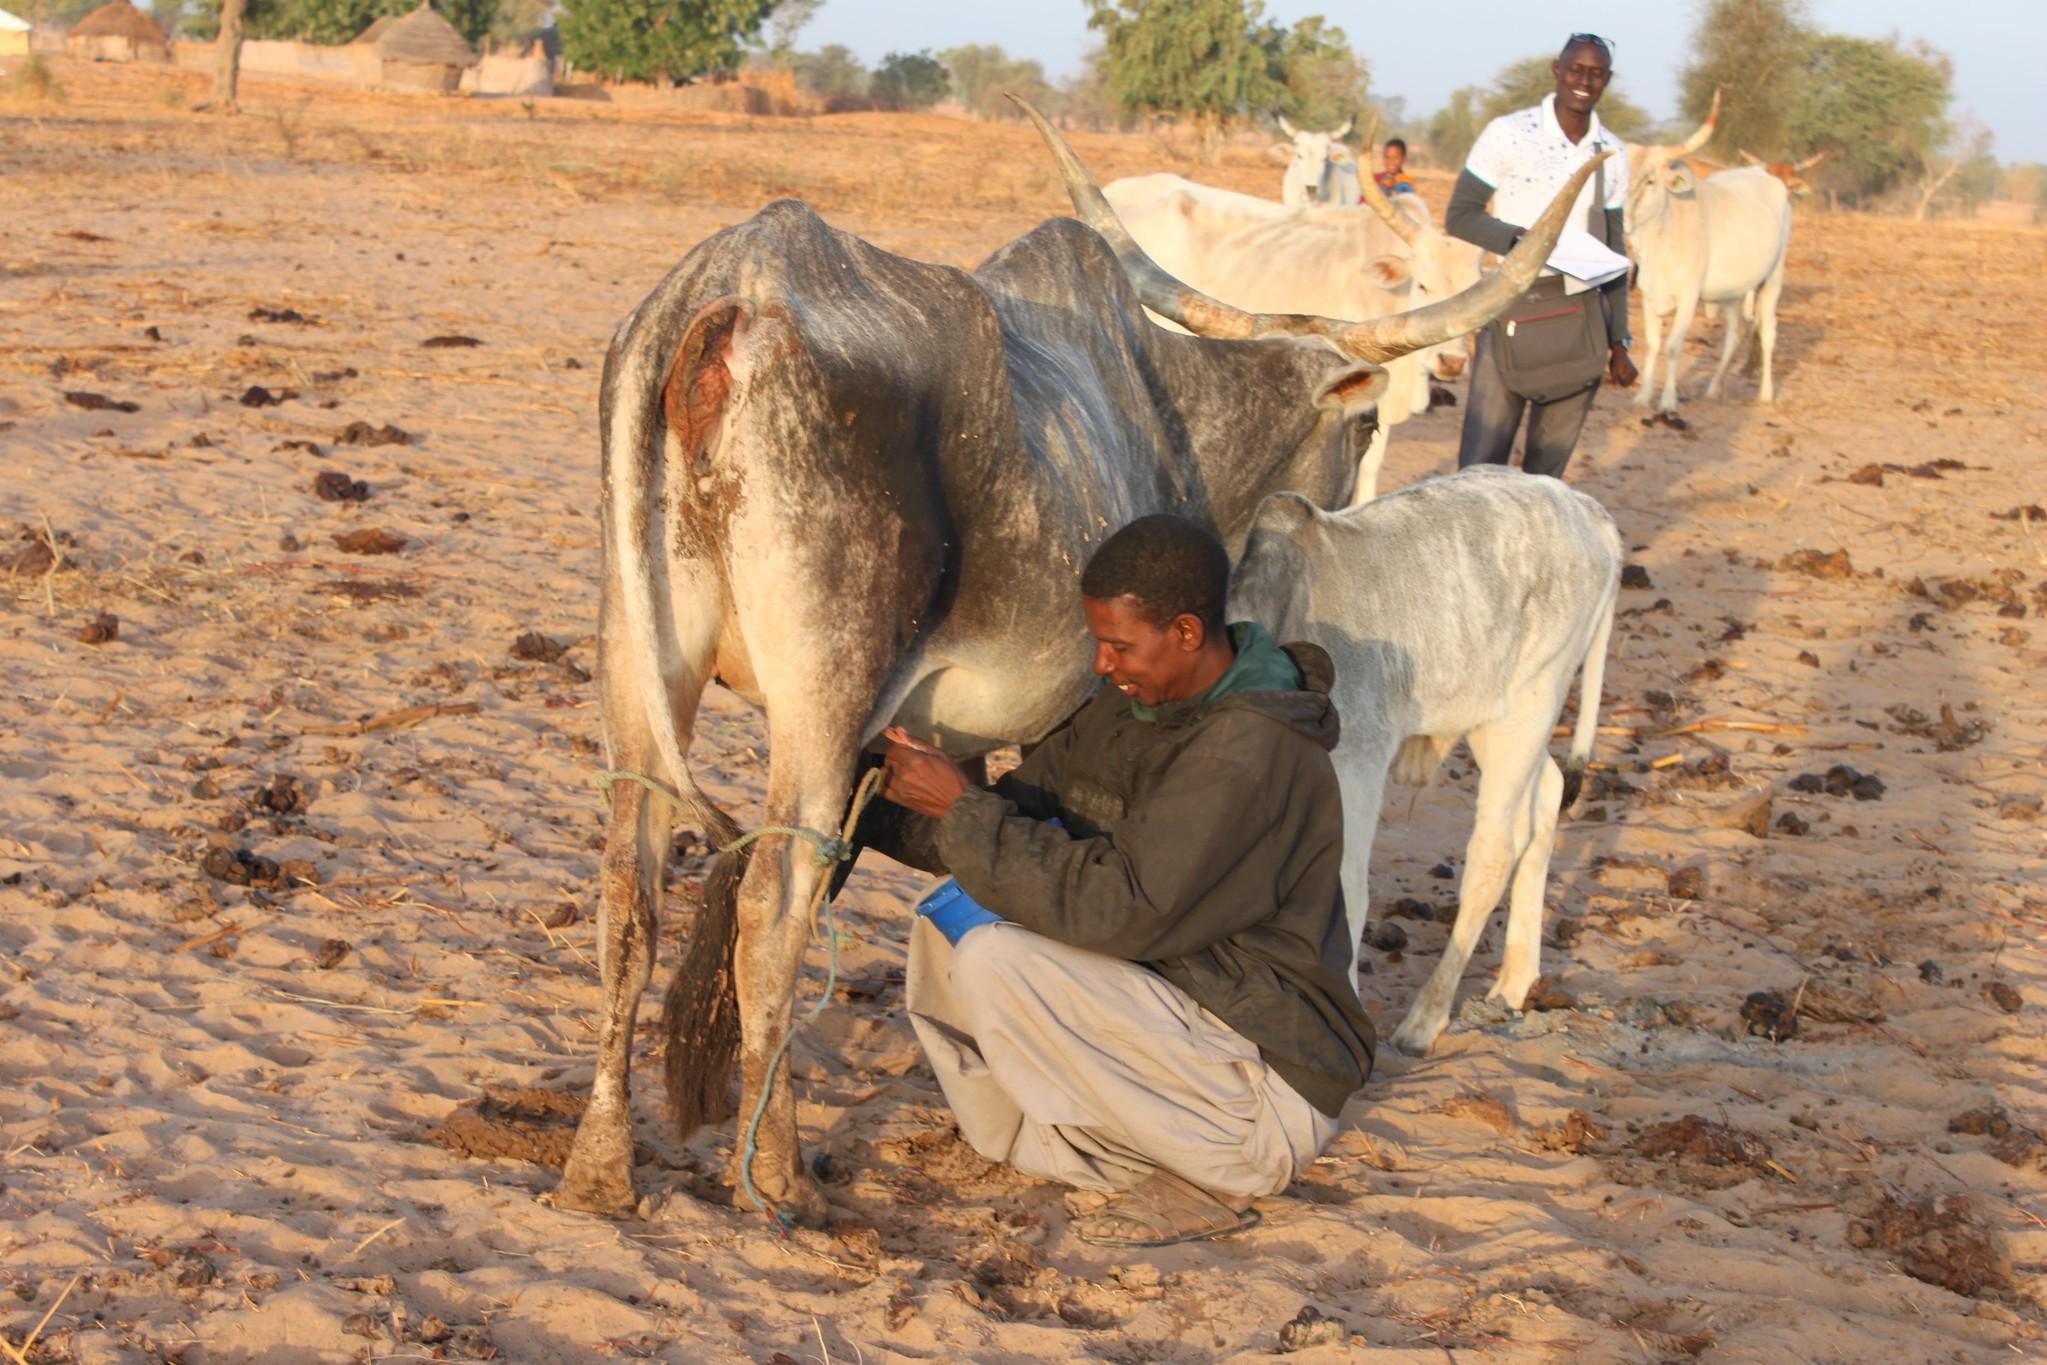 Man milking cow in Senegal